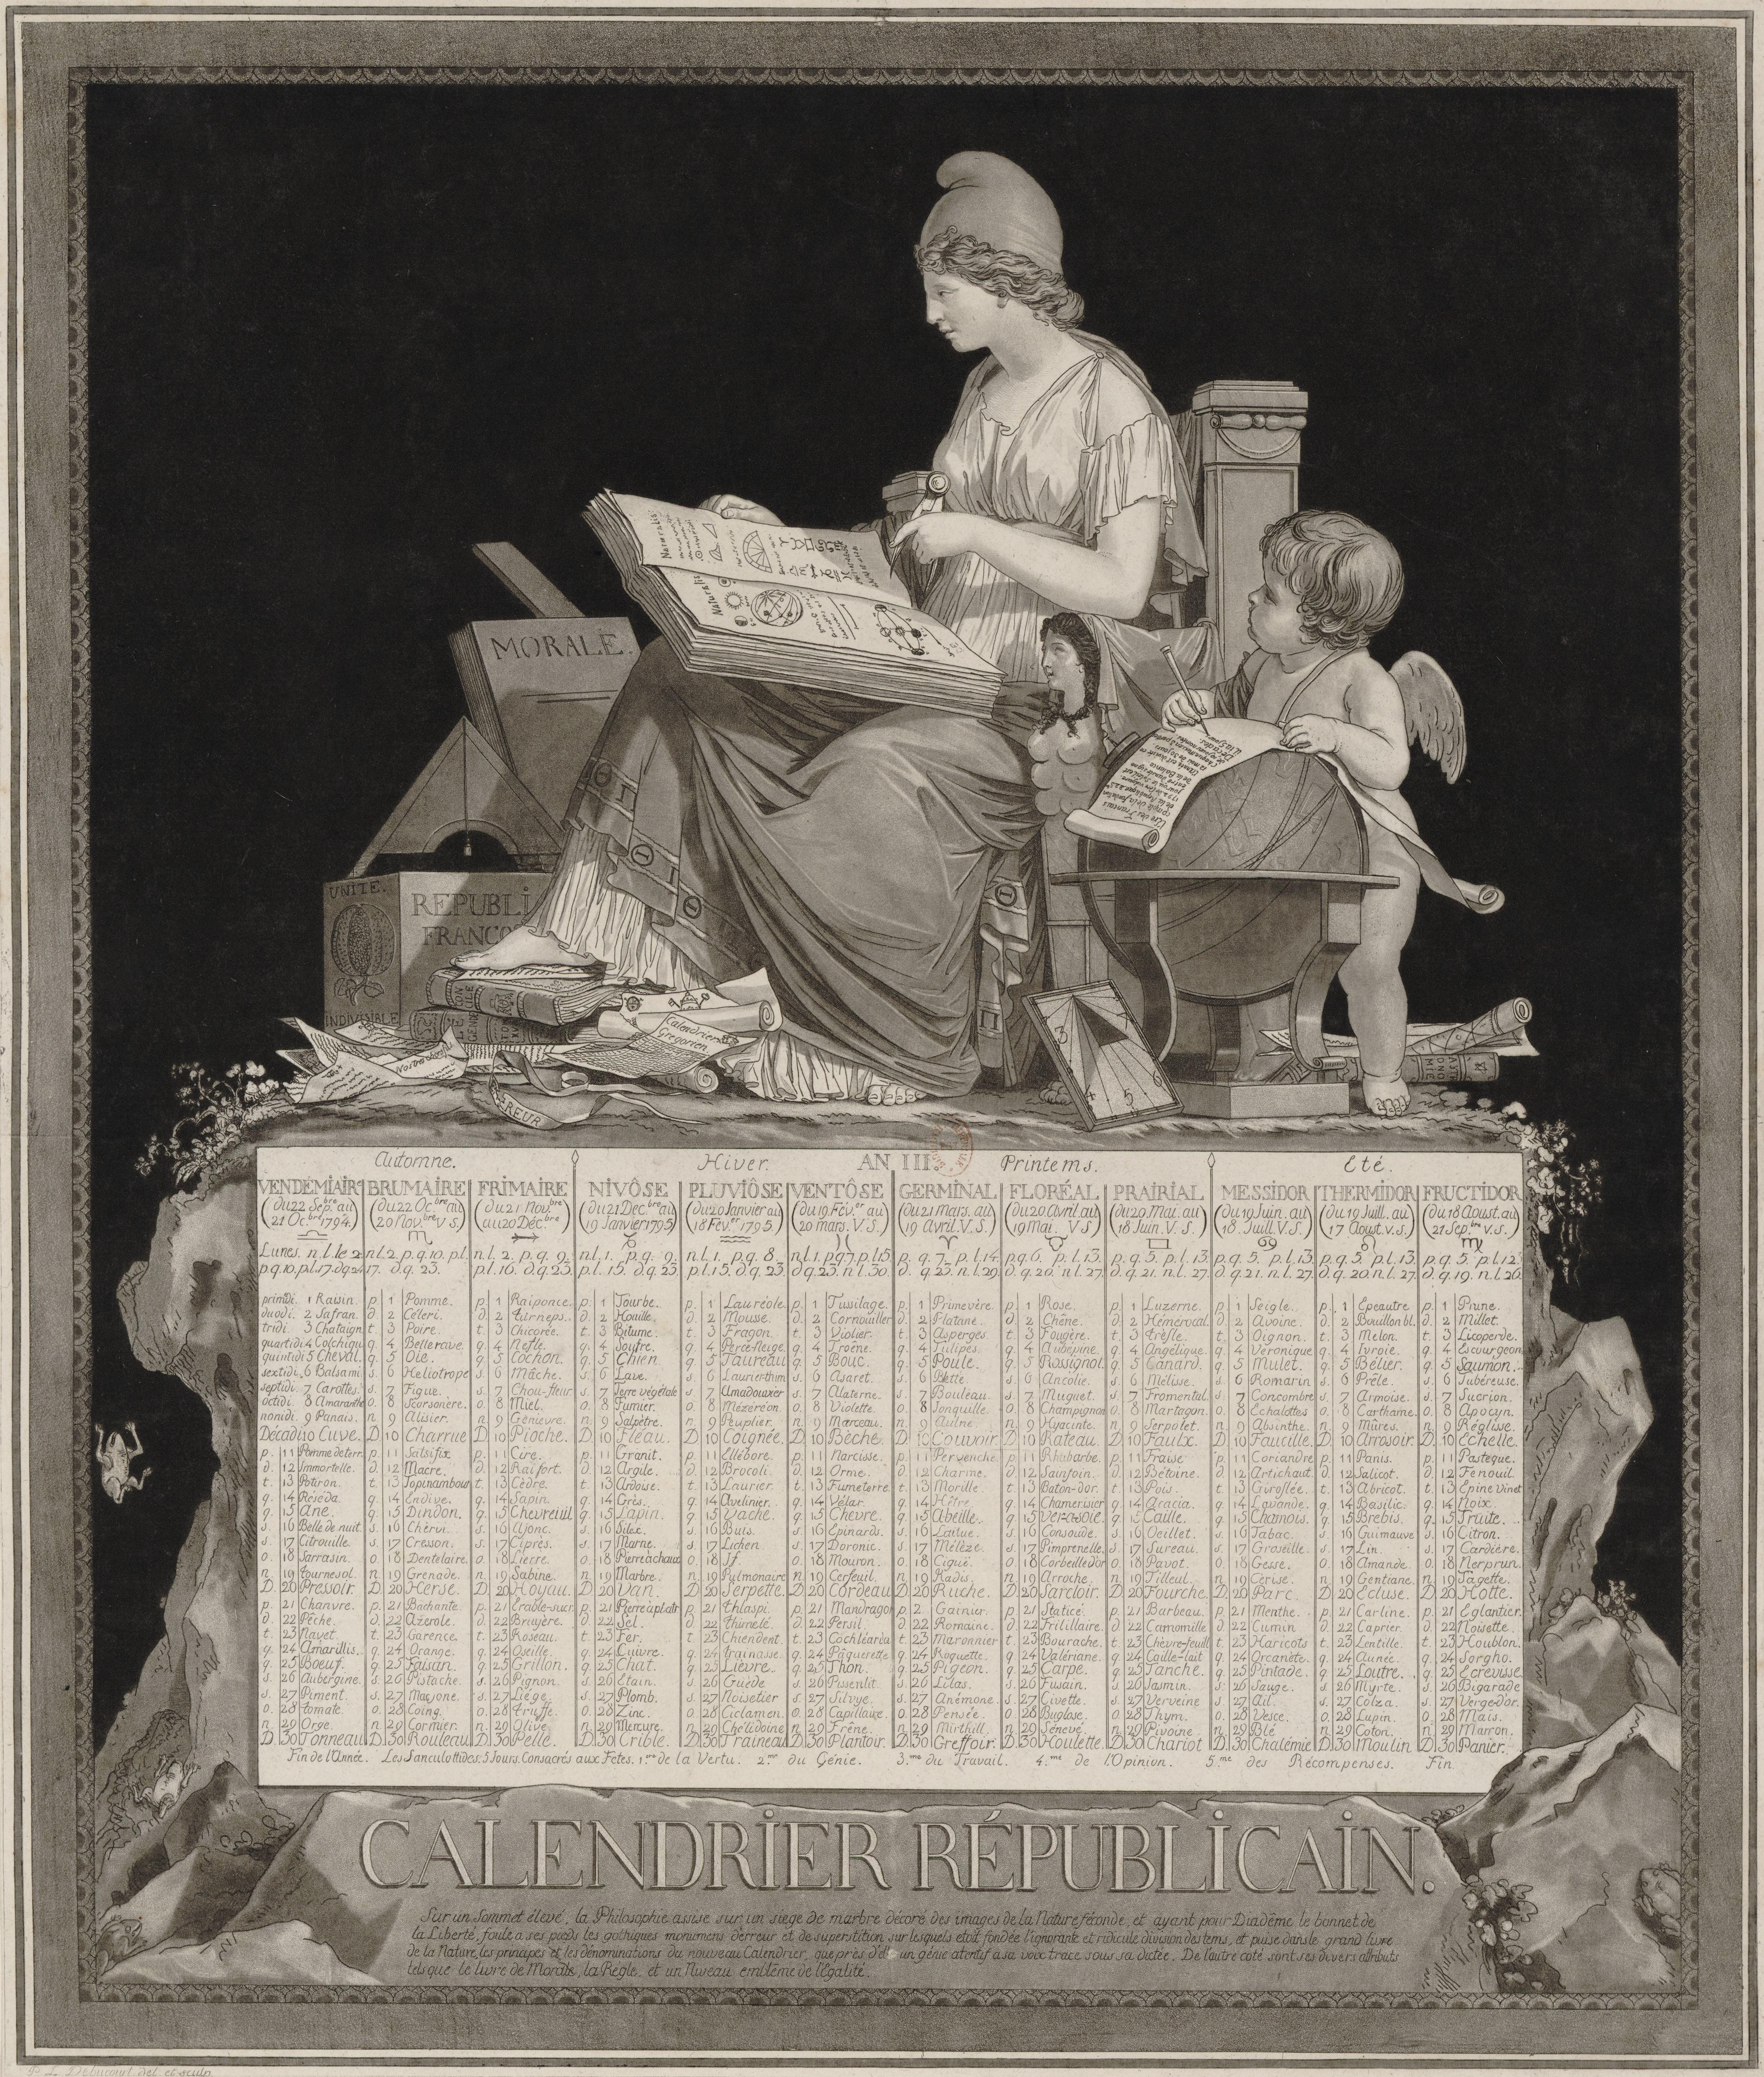 Calendario repubicano francés de 1794